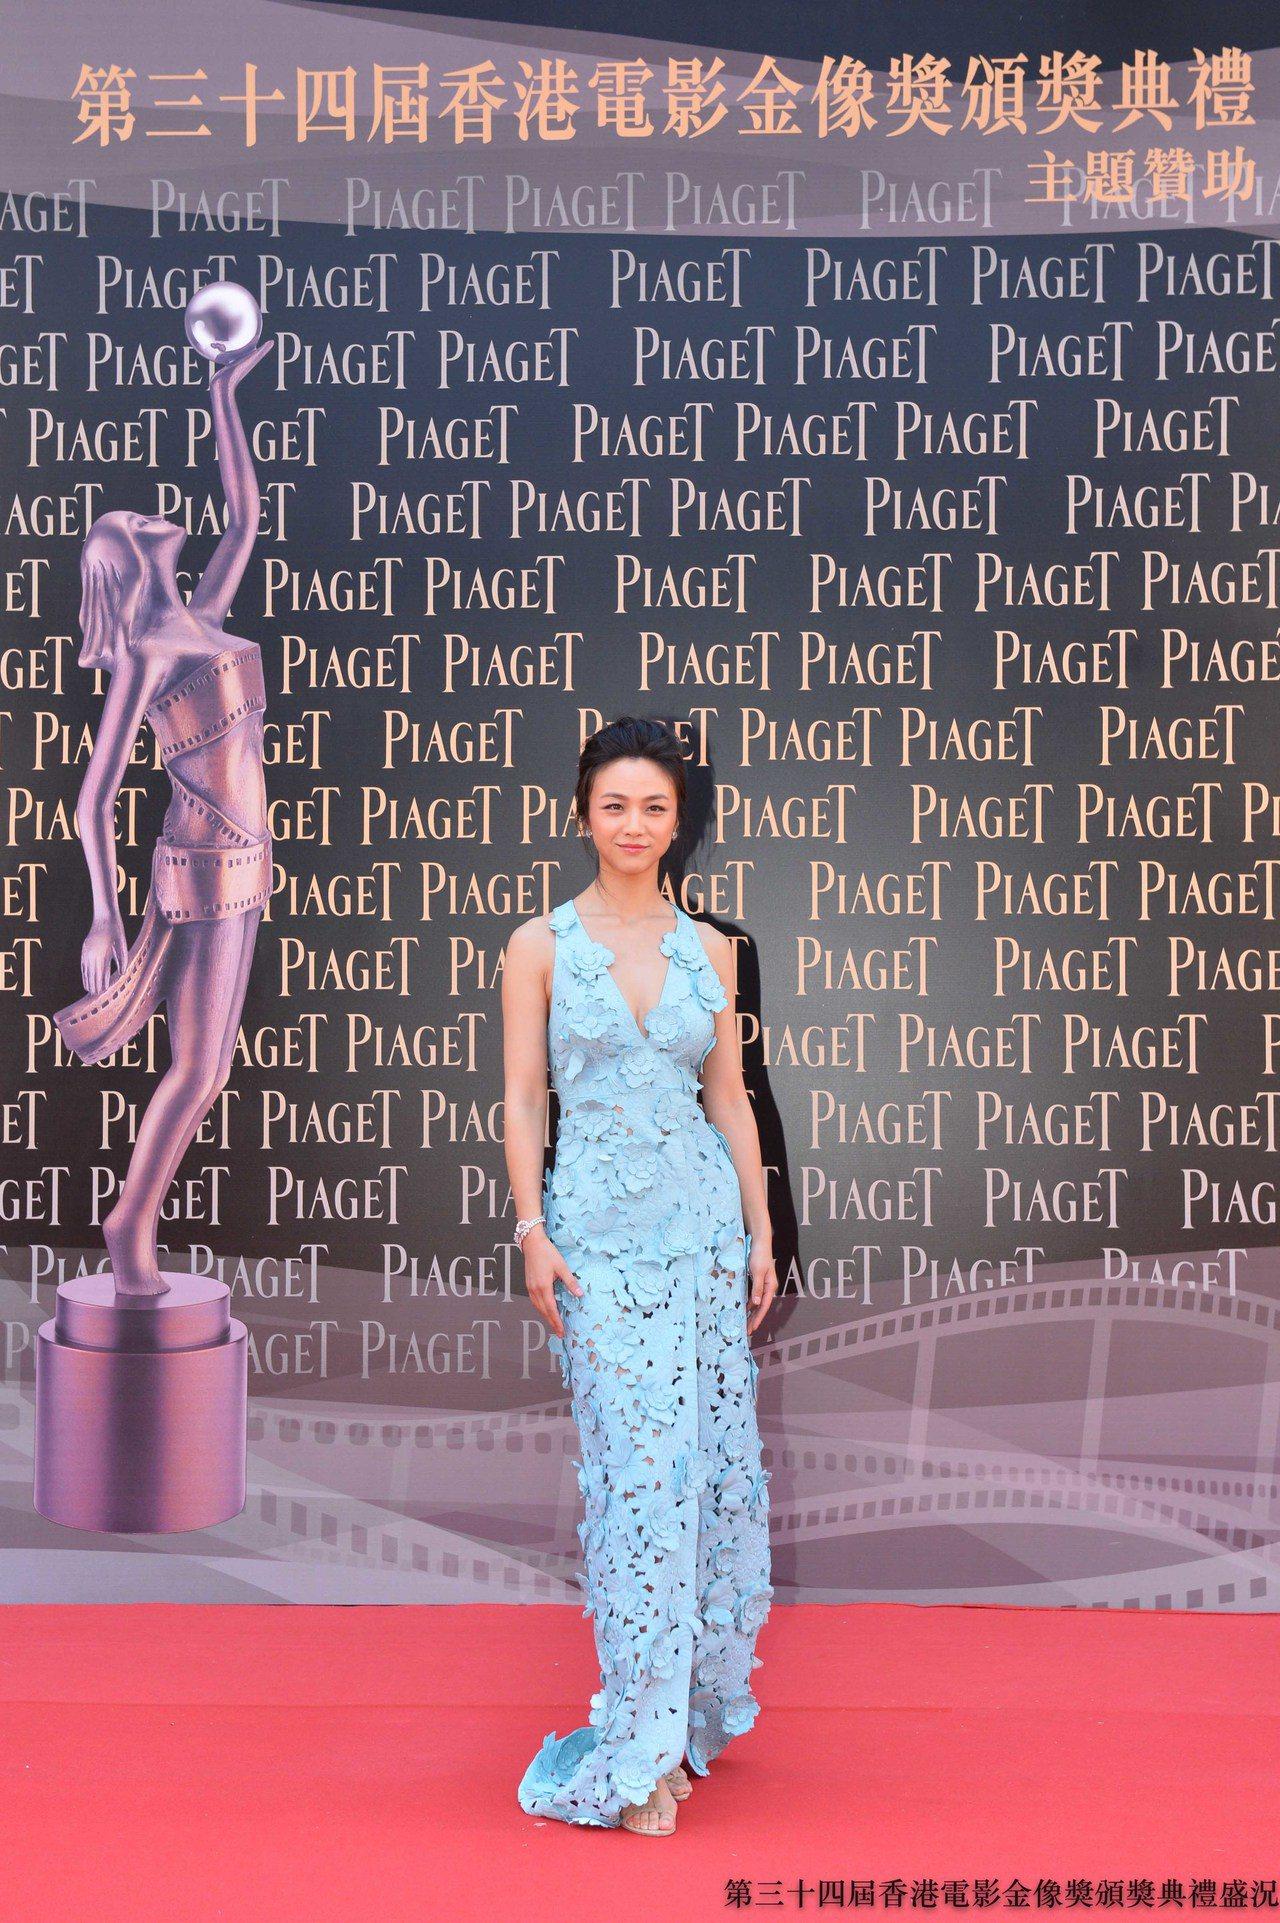 金馬獎得主湯唯配戴伯爵珠寶出席2015年第34屆香港電影金像獎頒獎典禮紅地毯。圖...